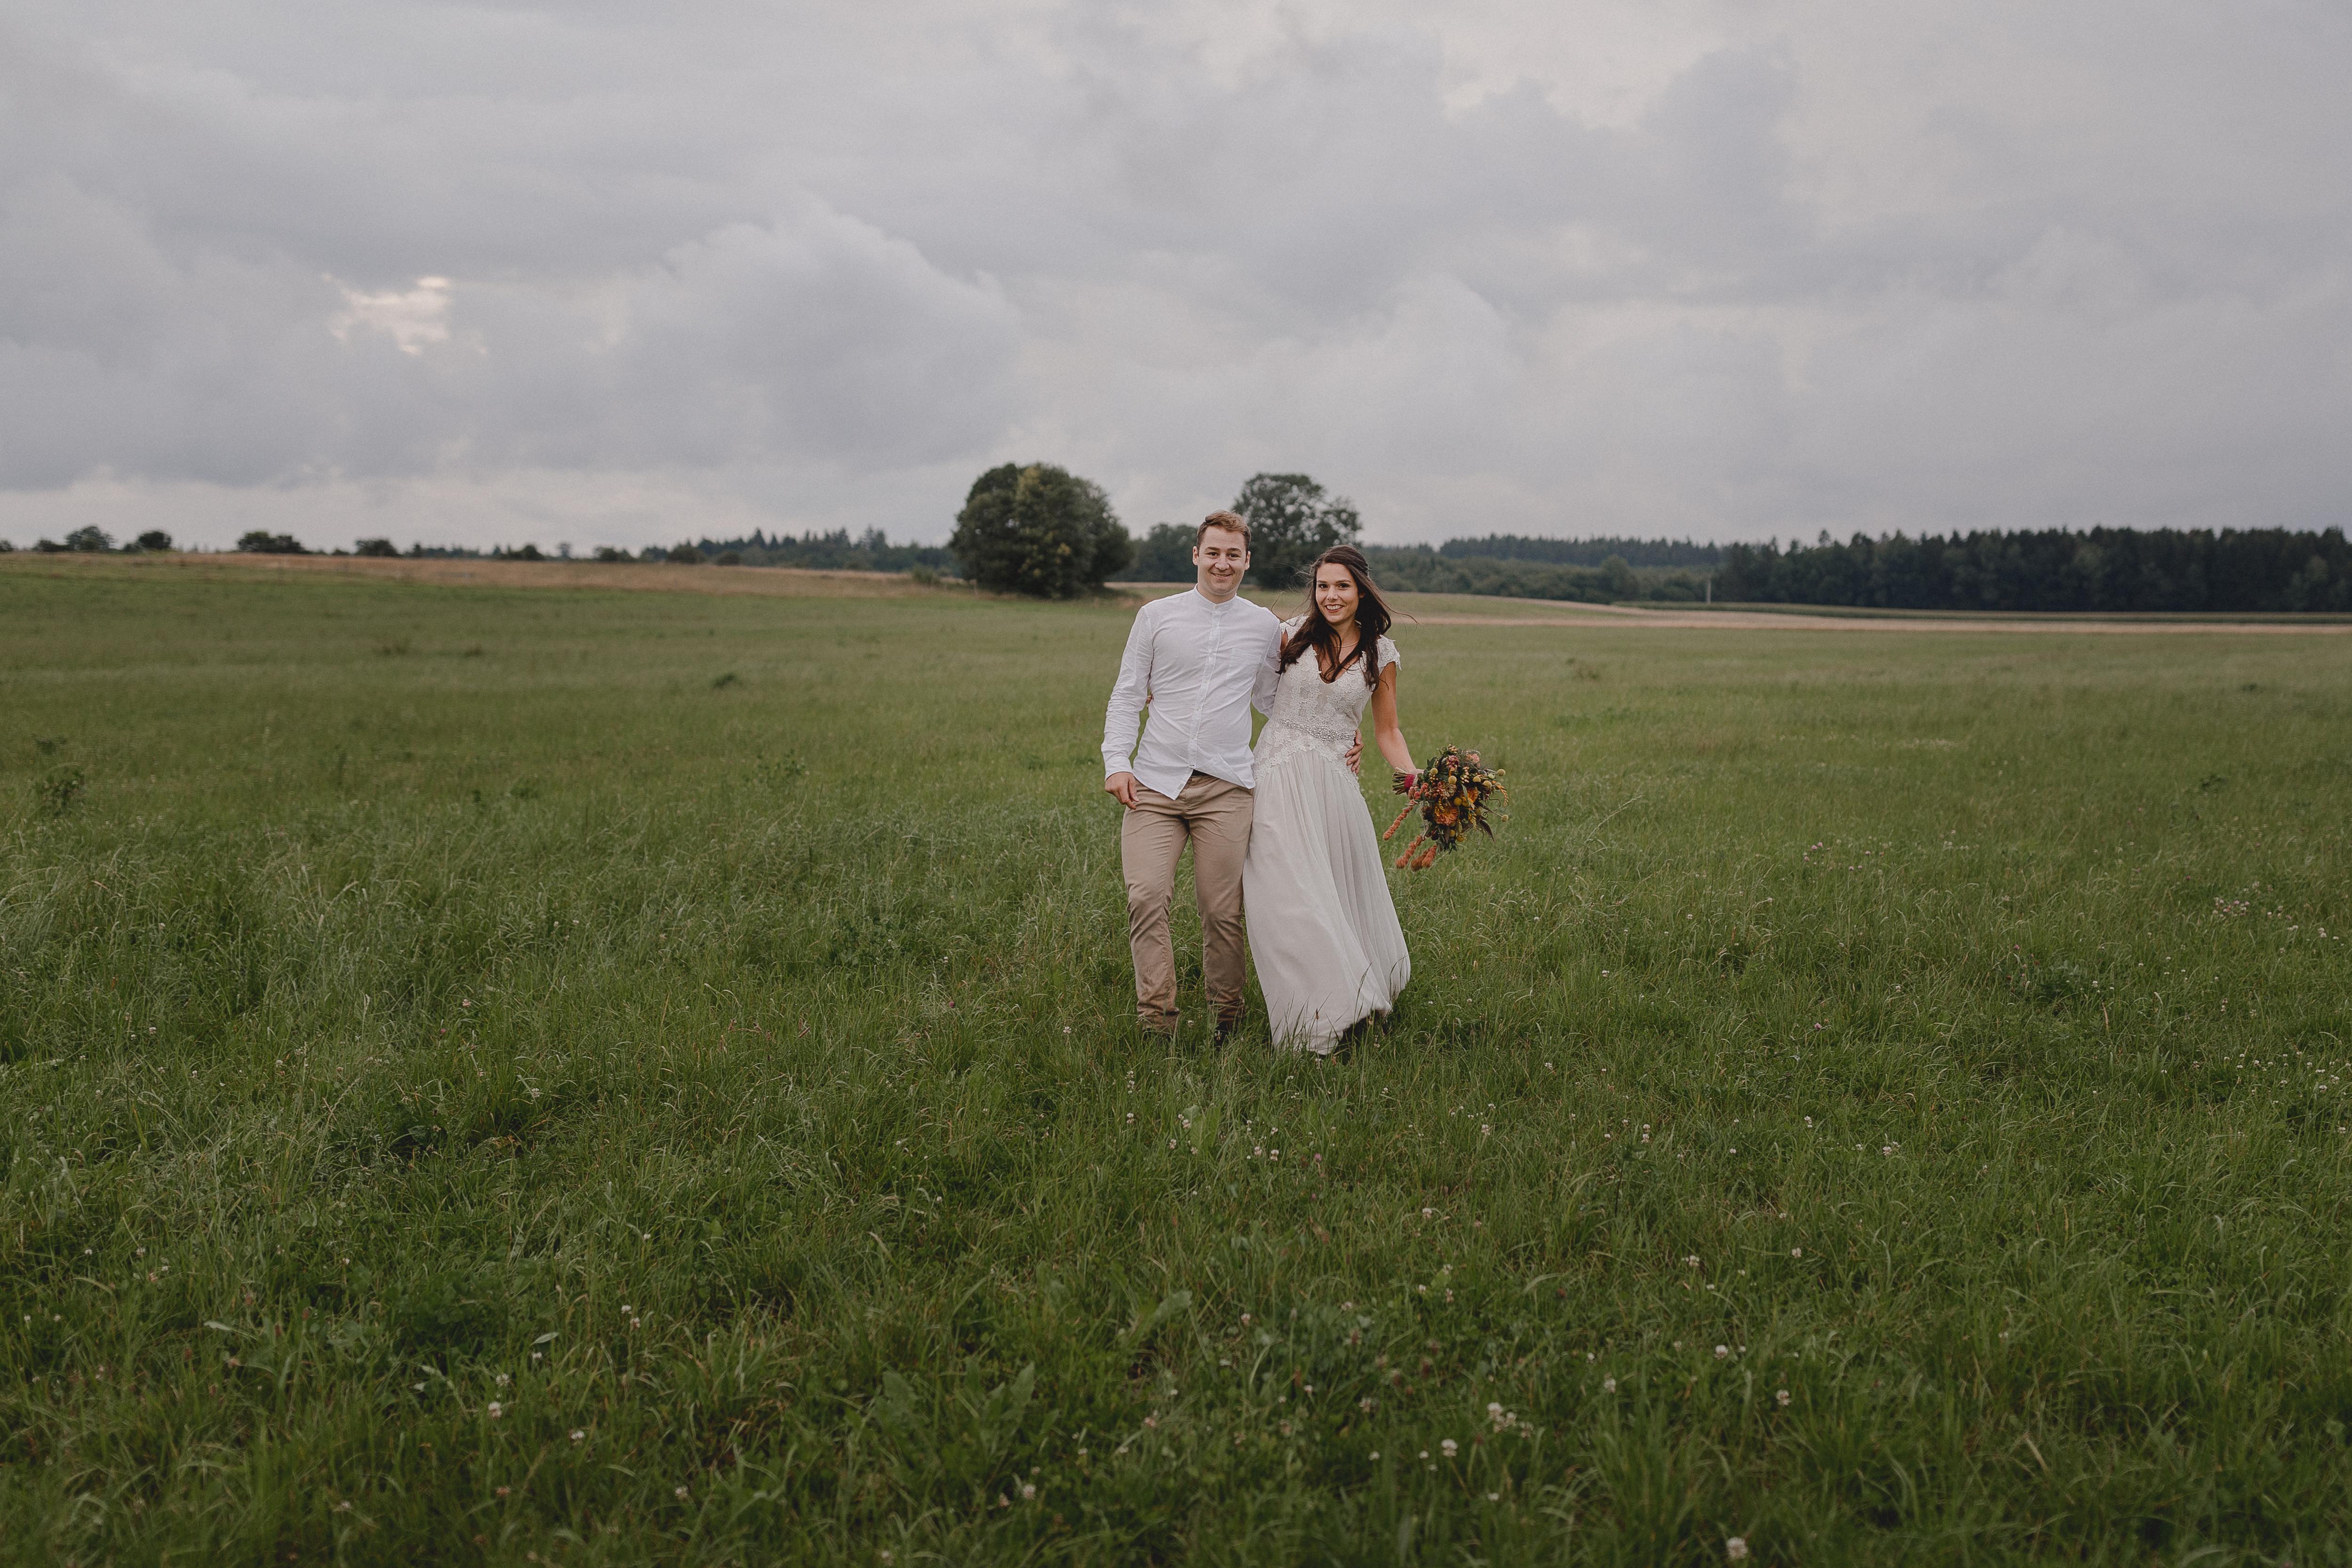 URBANERIE_Daniela_Goth_Vintage_Hochzeitsfotografin_Nuernberg_Fuerth_Erlangen_180721_0293